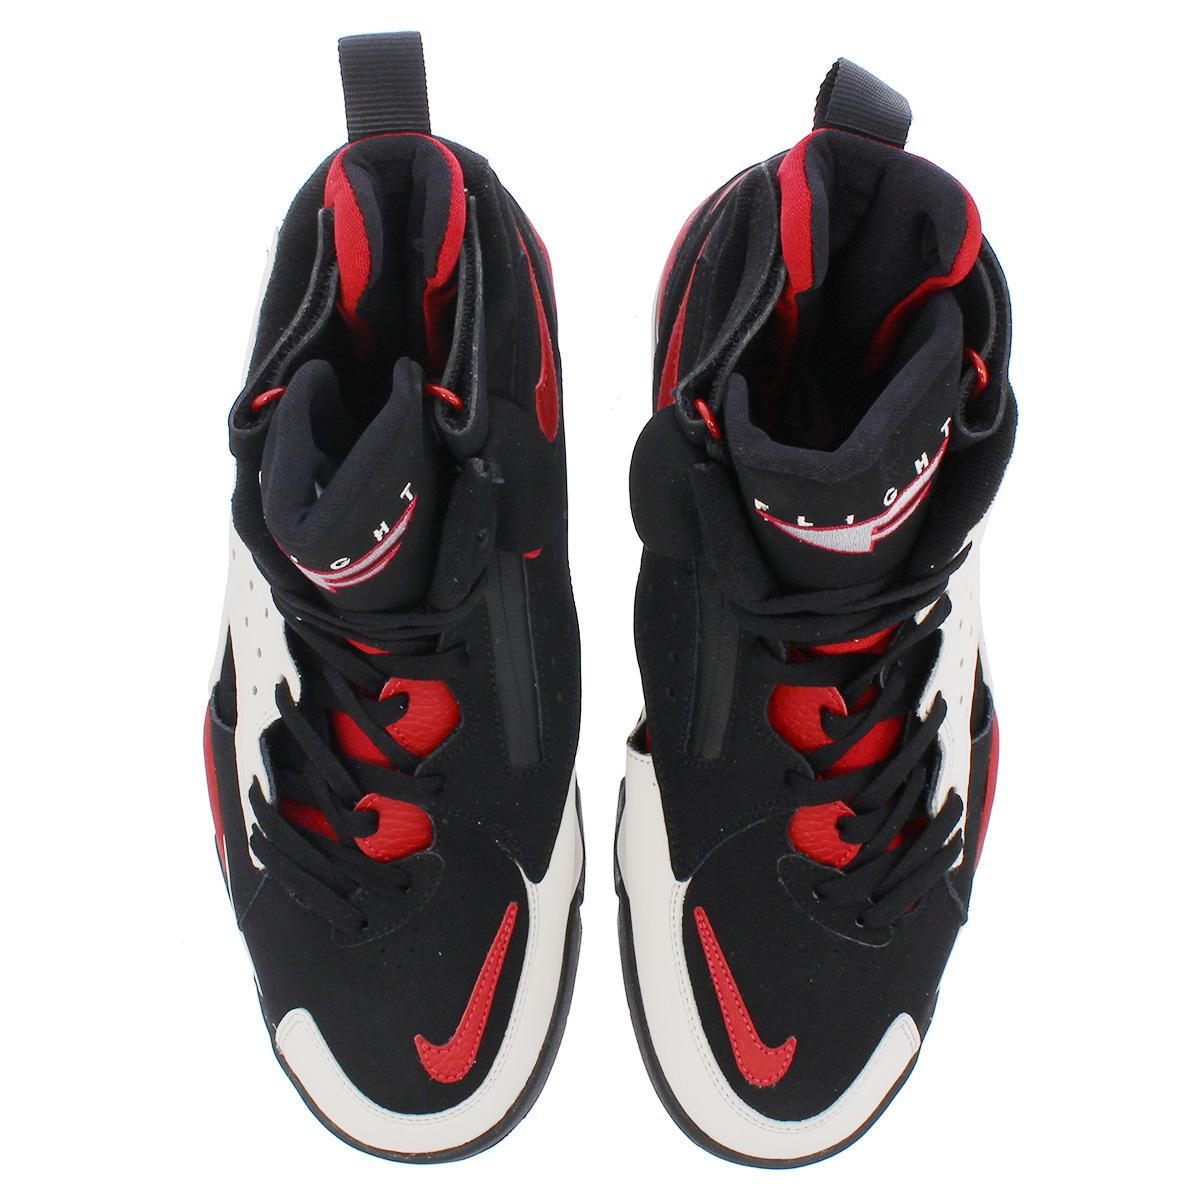 67c410206ca374 NIKE AIR MAESTRO II LTD Nike air maestro 2 LTD BLACK VAST GREY GYM RED WHITE  ah8511-002